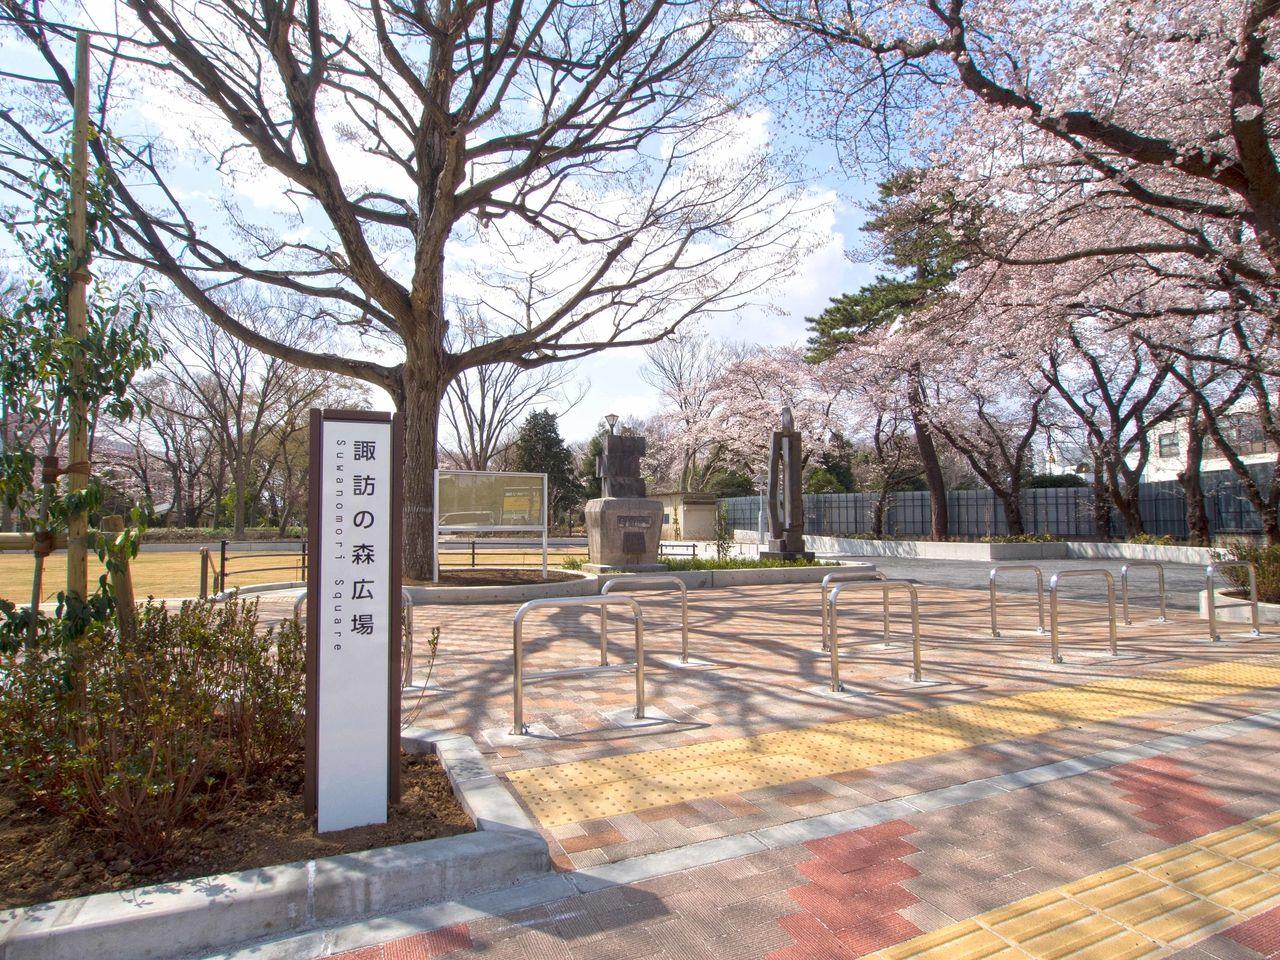 諏訪神社・諏訪の森公園に隣接した芝生のある広場